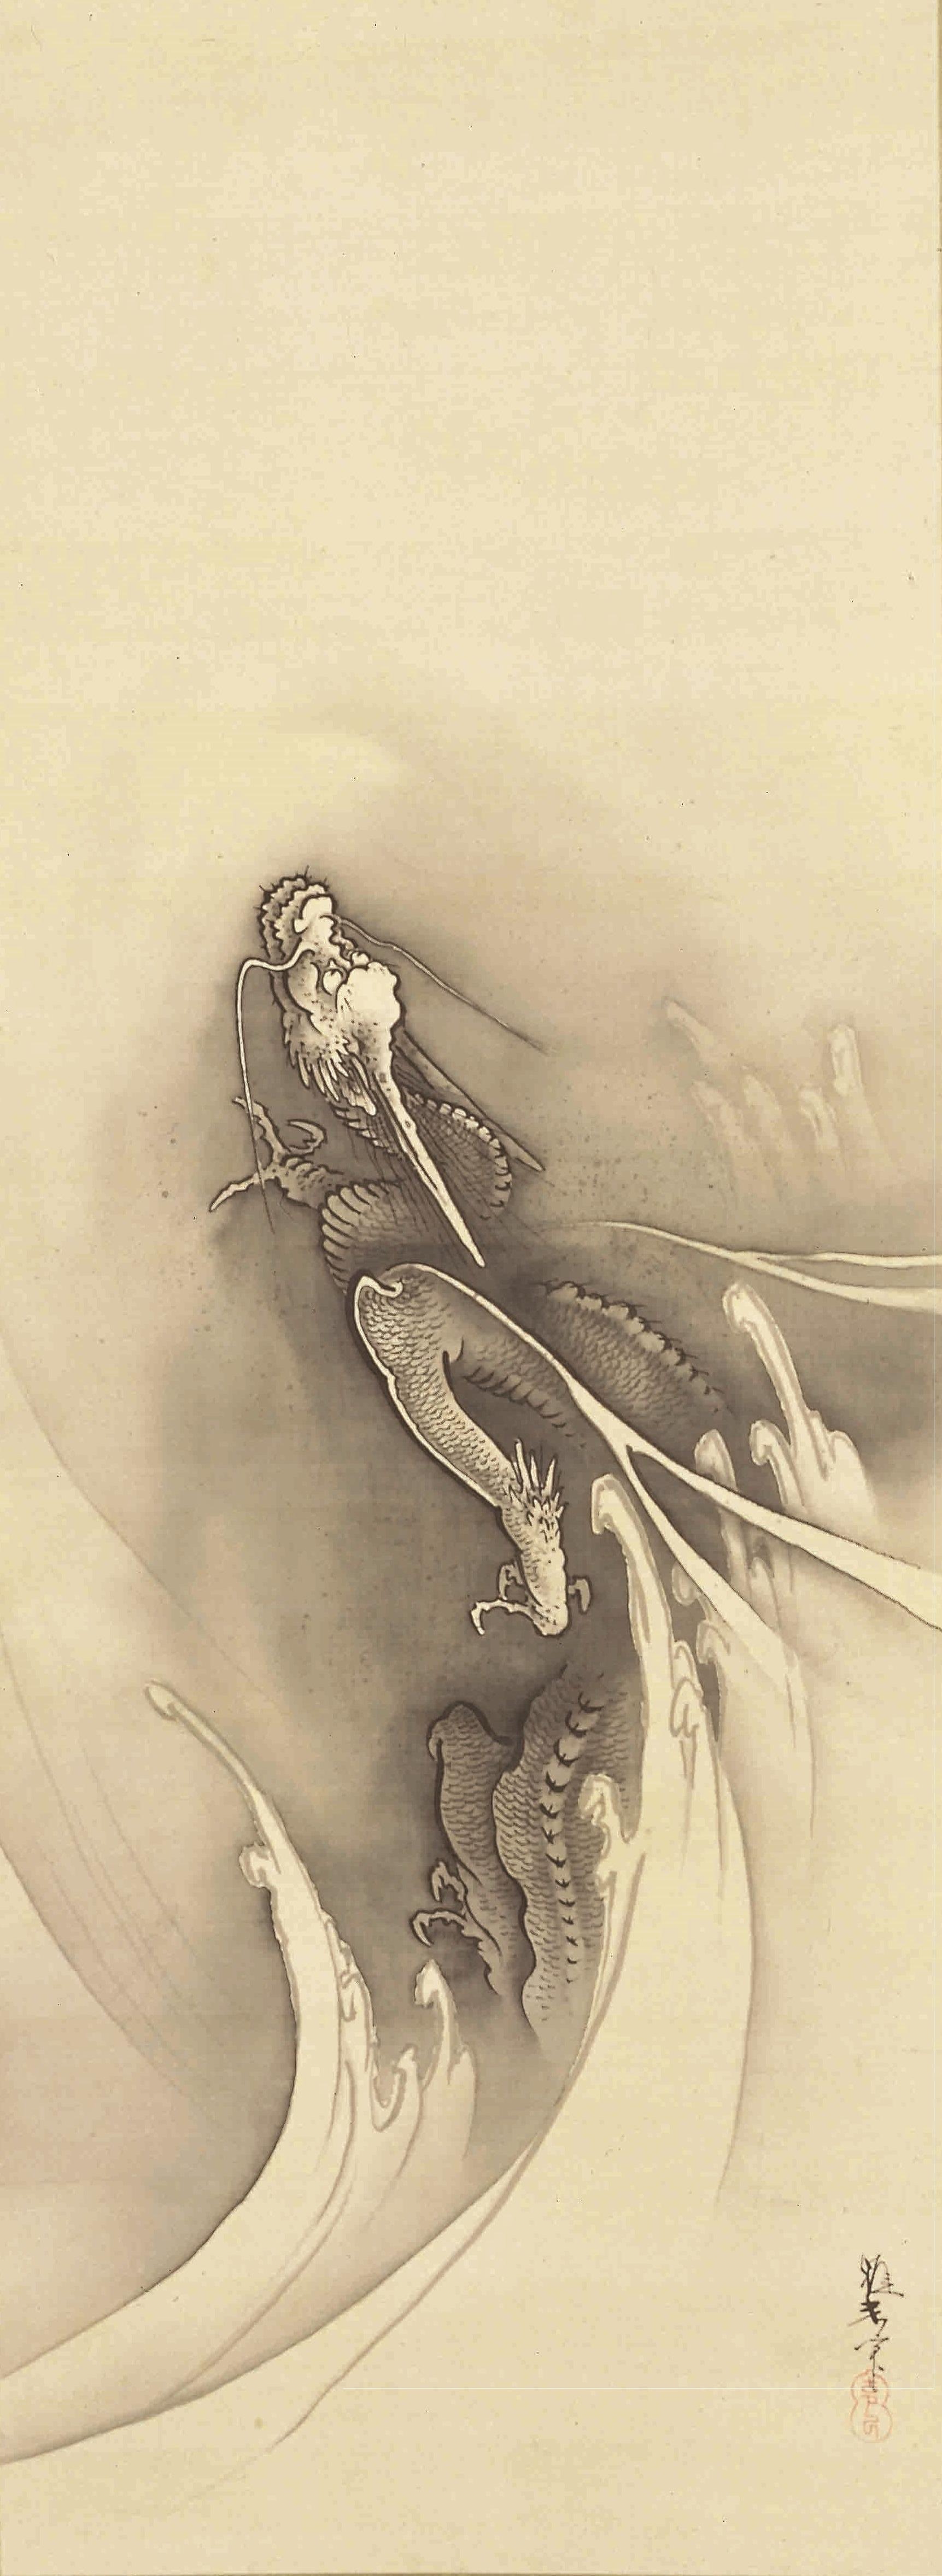 橋本雅邦筆 《昇龍図》 1幅 112.7×41.5cm 埼玉・山崎美術館蔵 【展示期間:3月28日~4月23日】